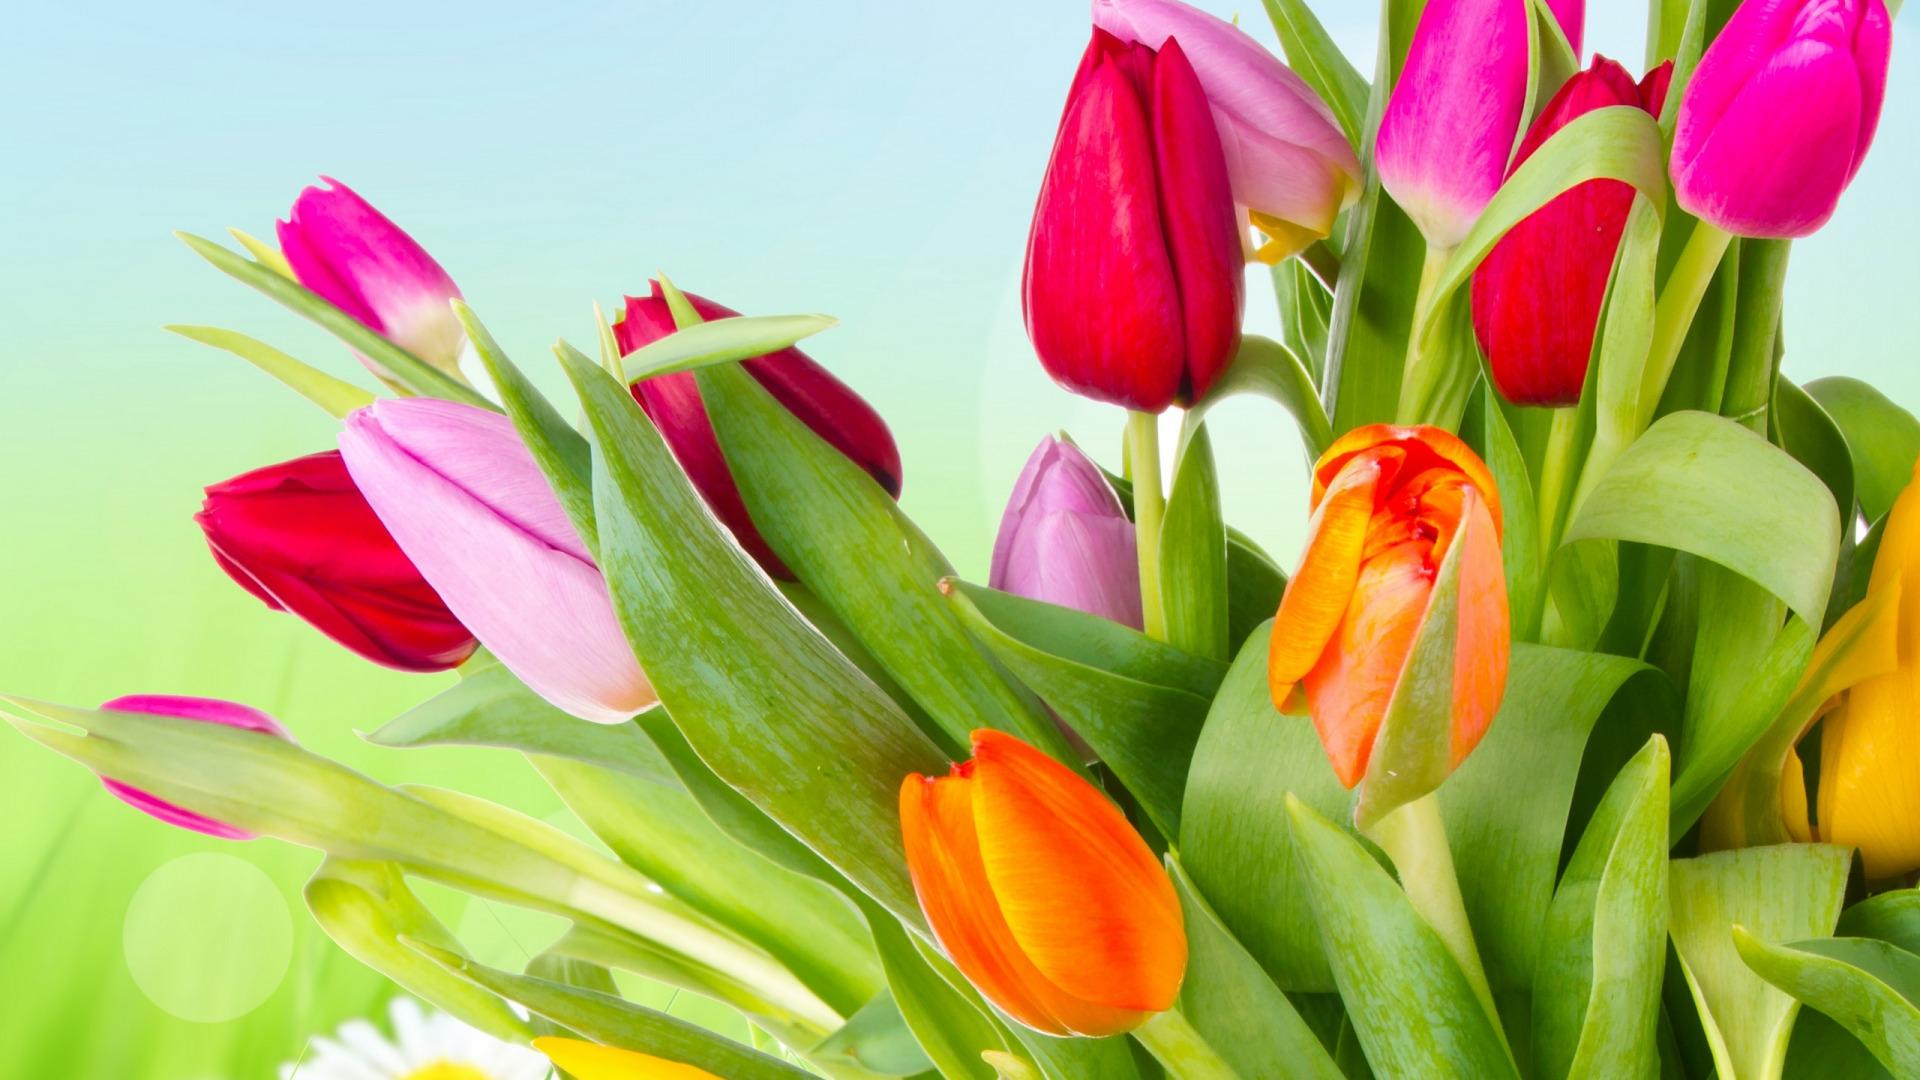 картинки на рабочий стол весенние тюльпаны праздник ждут только